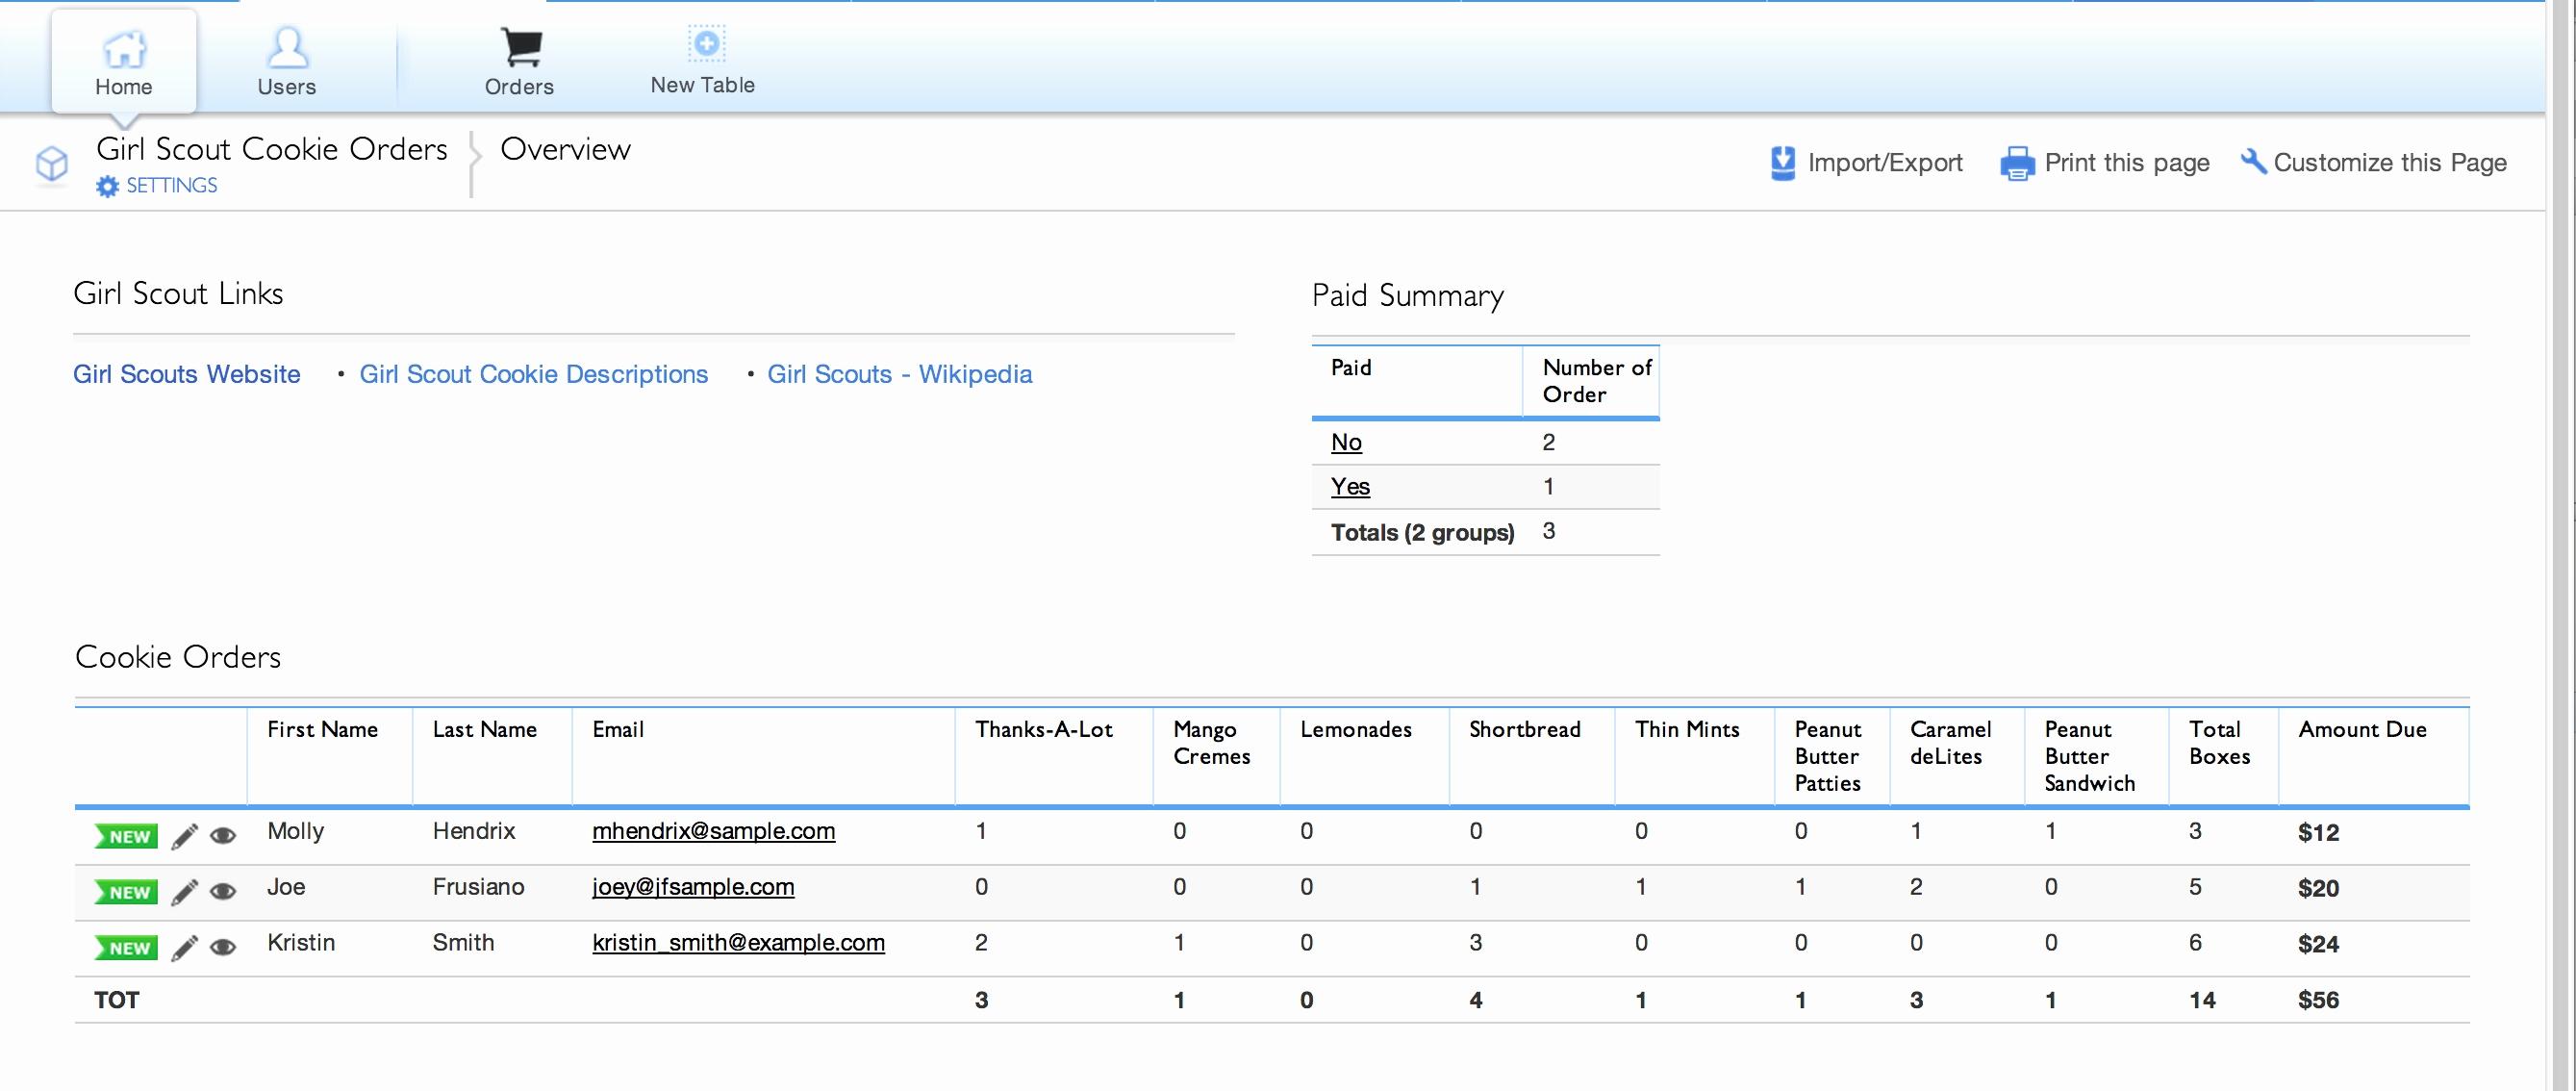 Customer Order Tracking Spreadsheet Spreadsheet Downloa Customer Order Tracking Spreadsheet